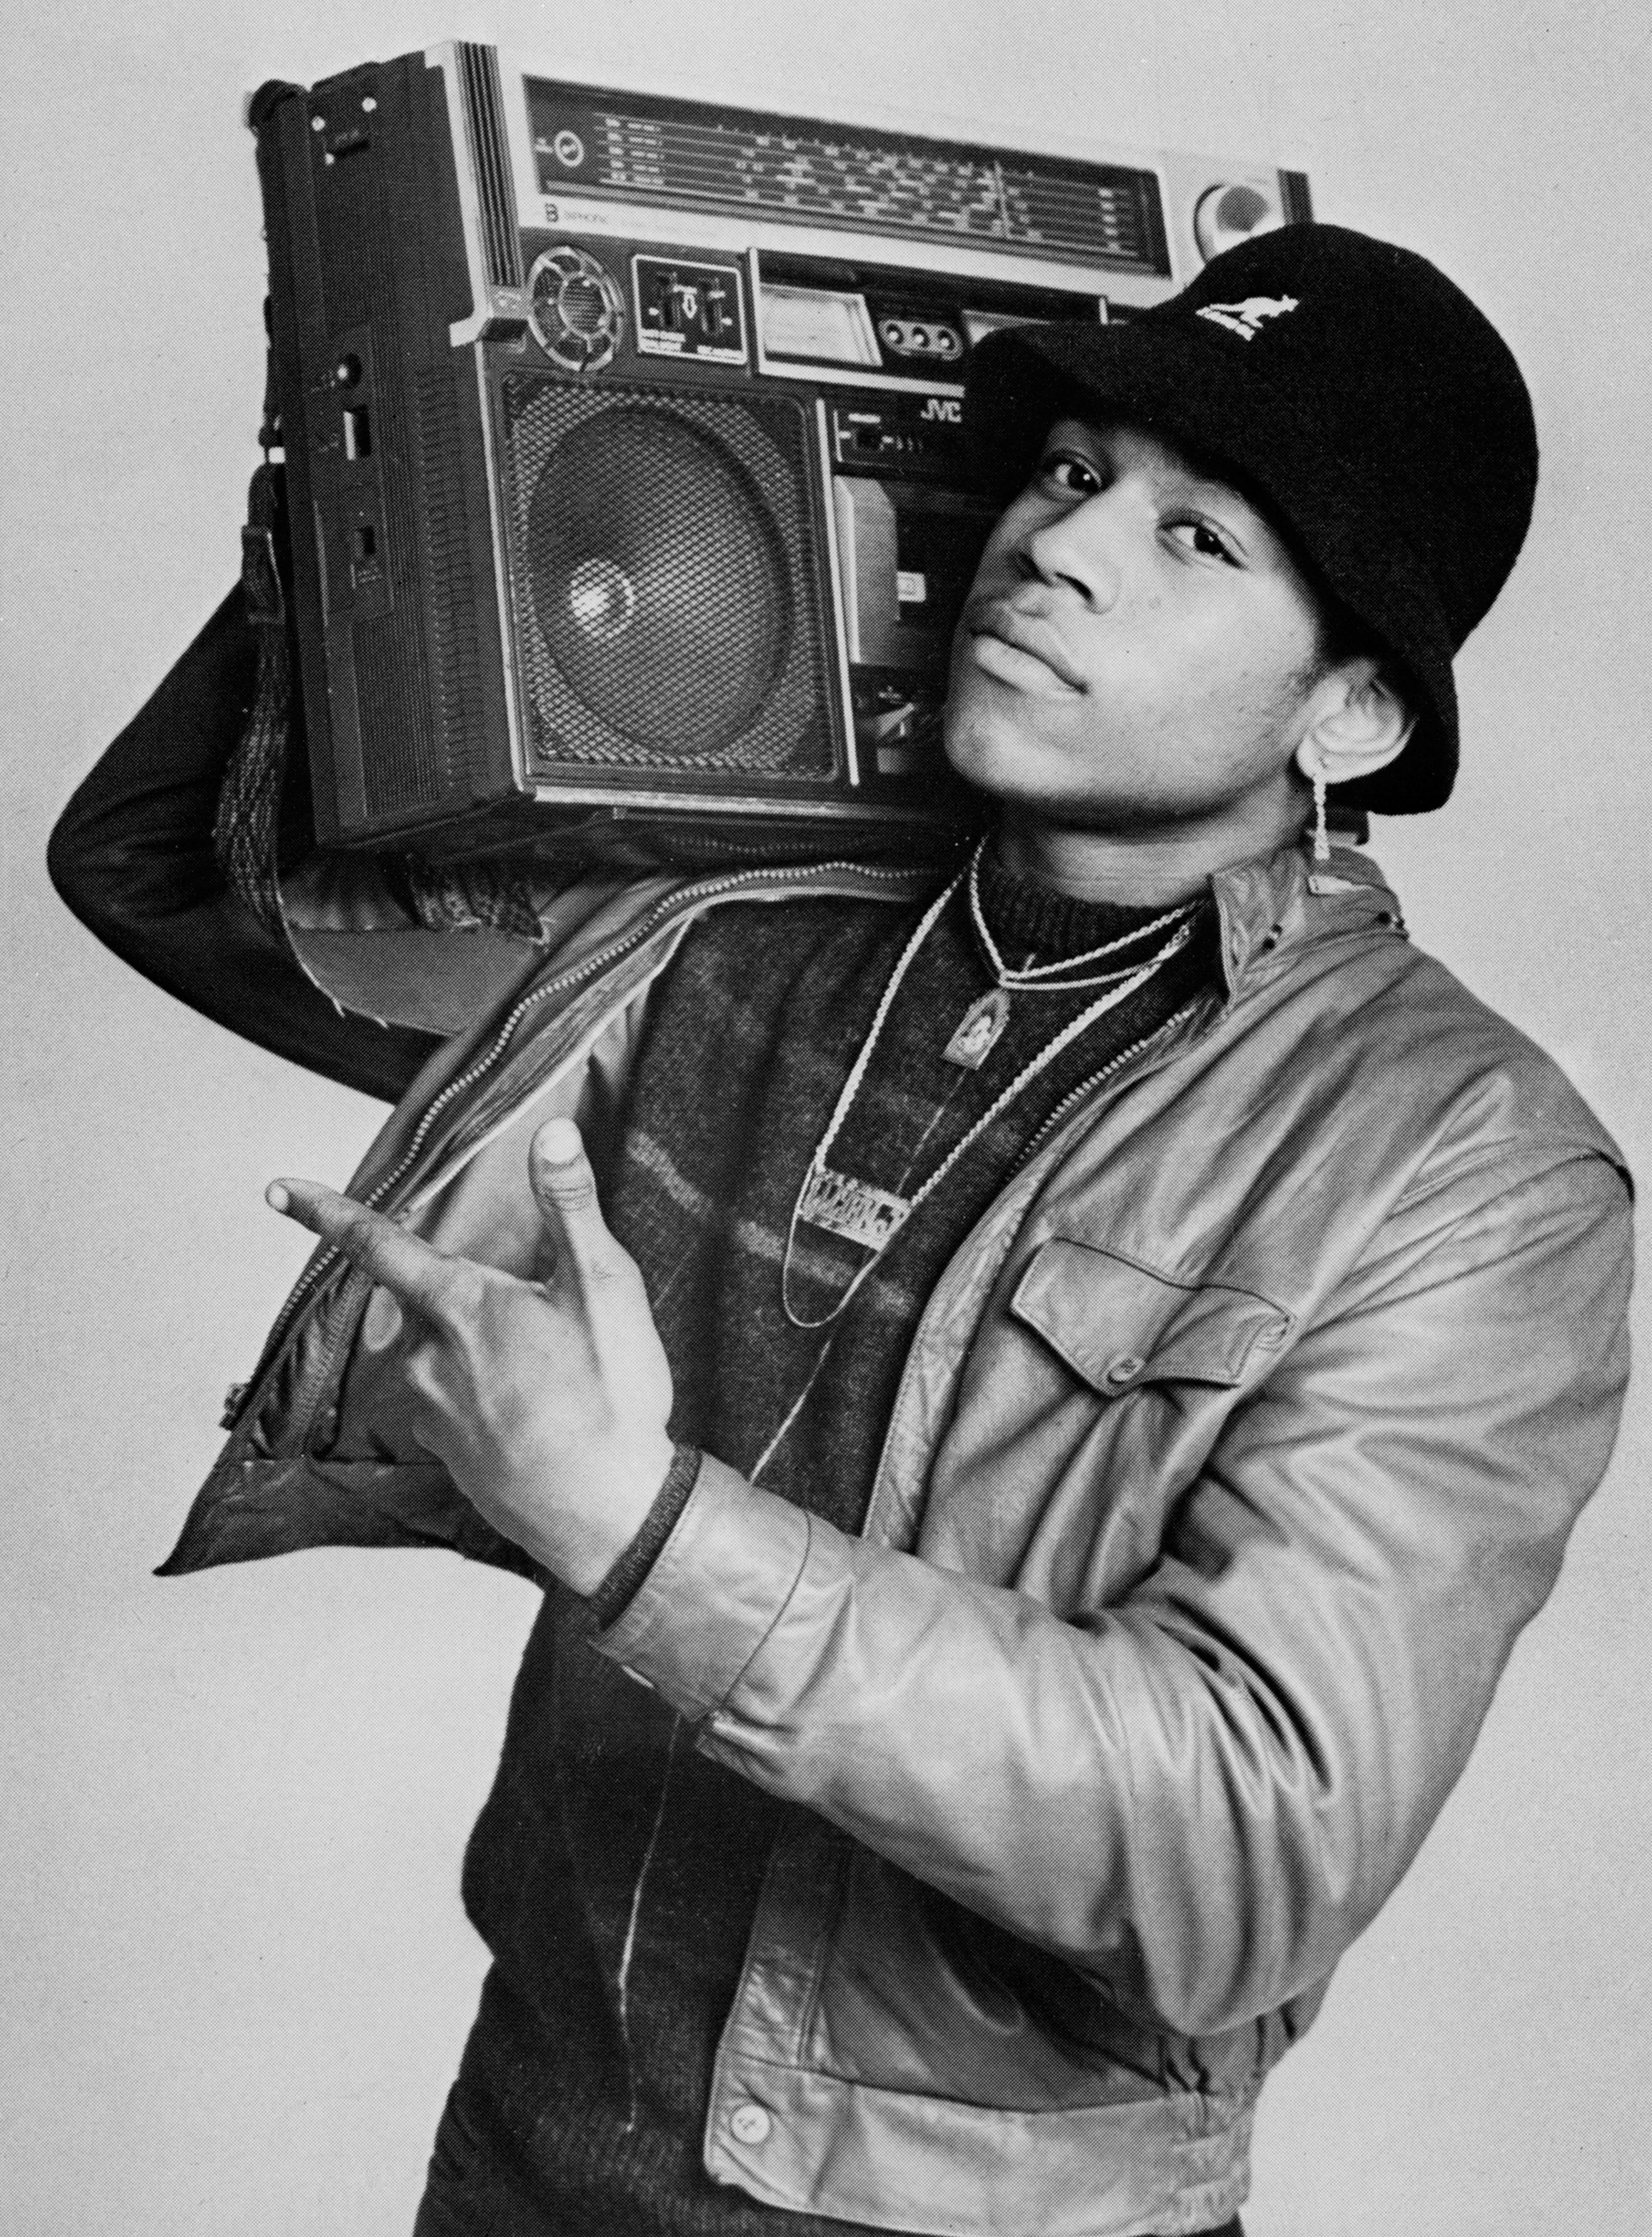 Photographie de LL Cool J - Janette Beckman (1985)